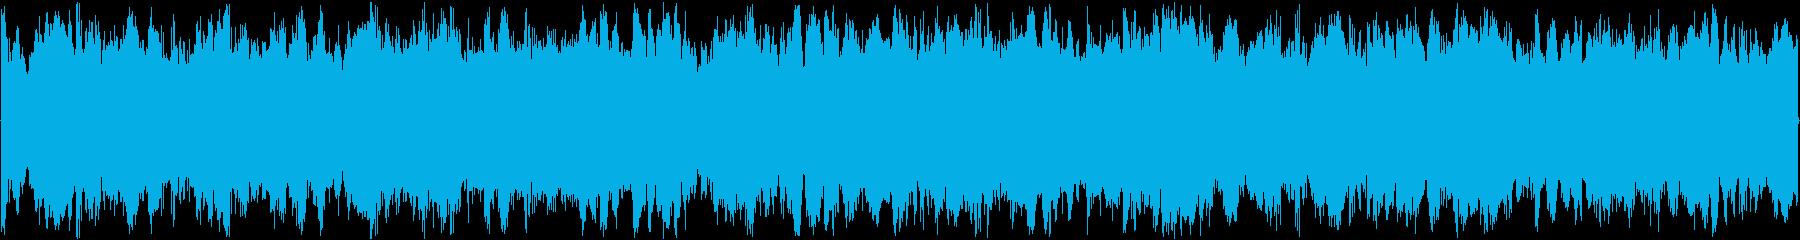 少し暗いミステリアスなBGM 様々な用…の再生済みの波形